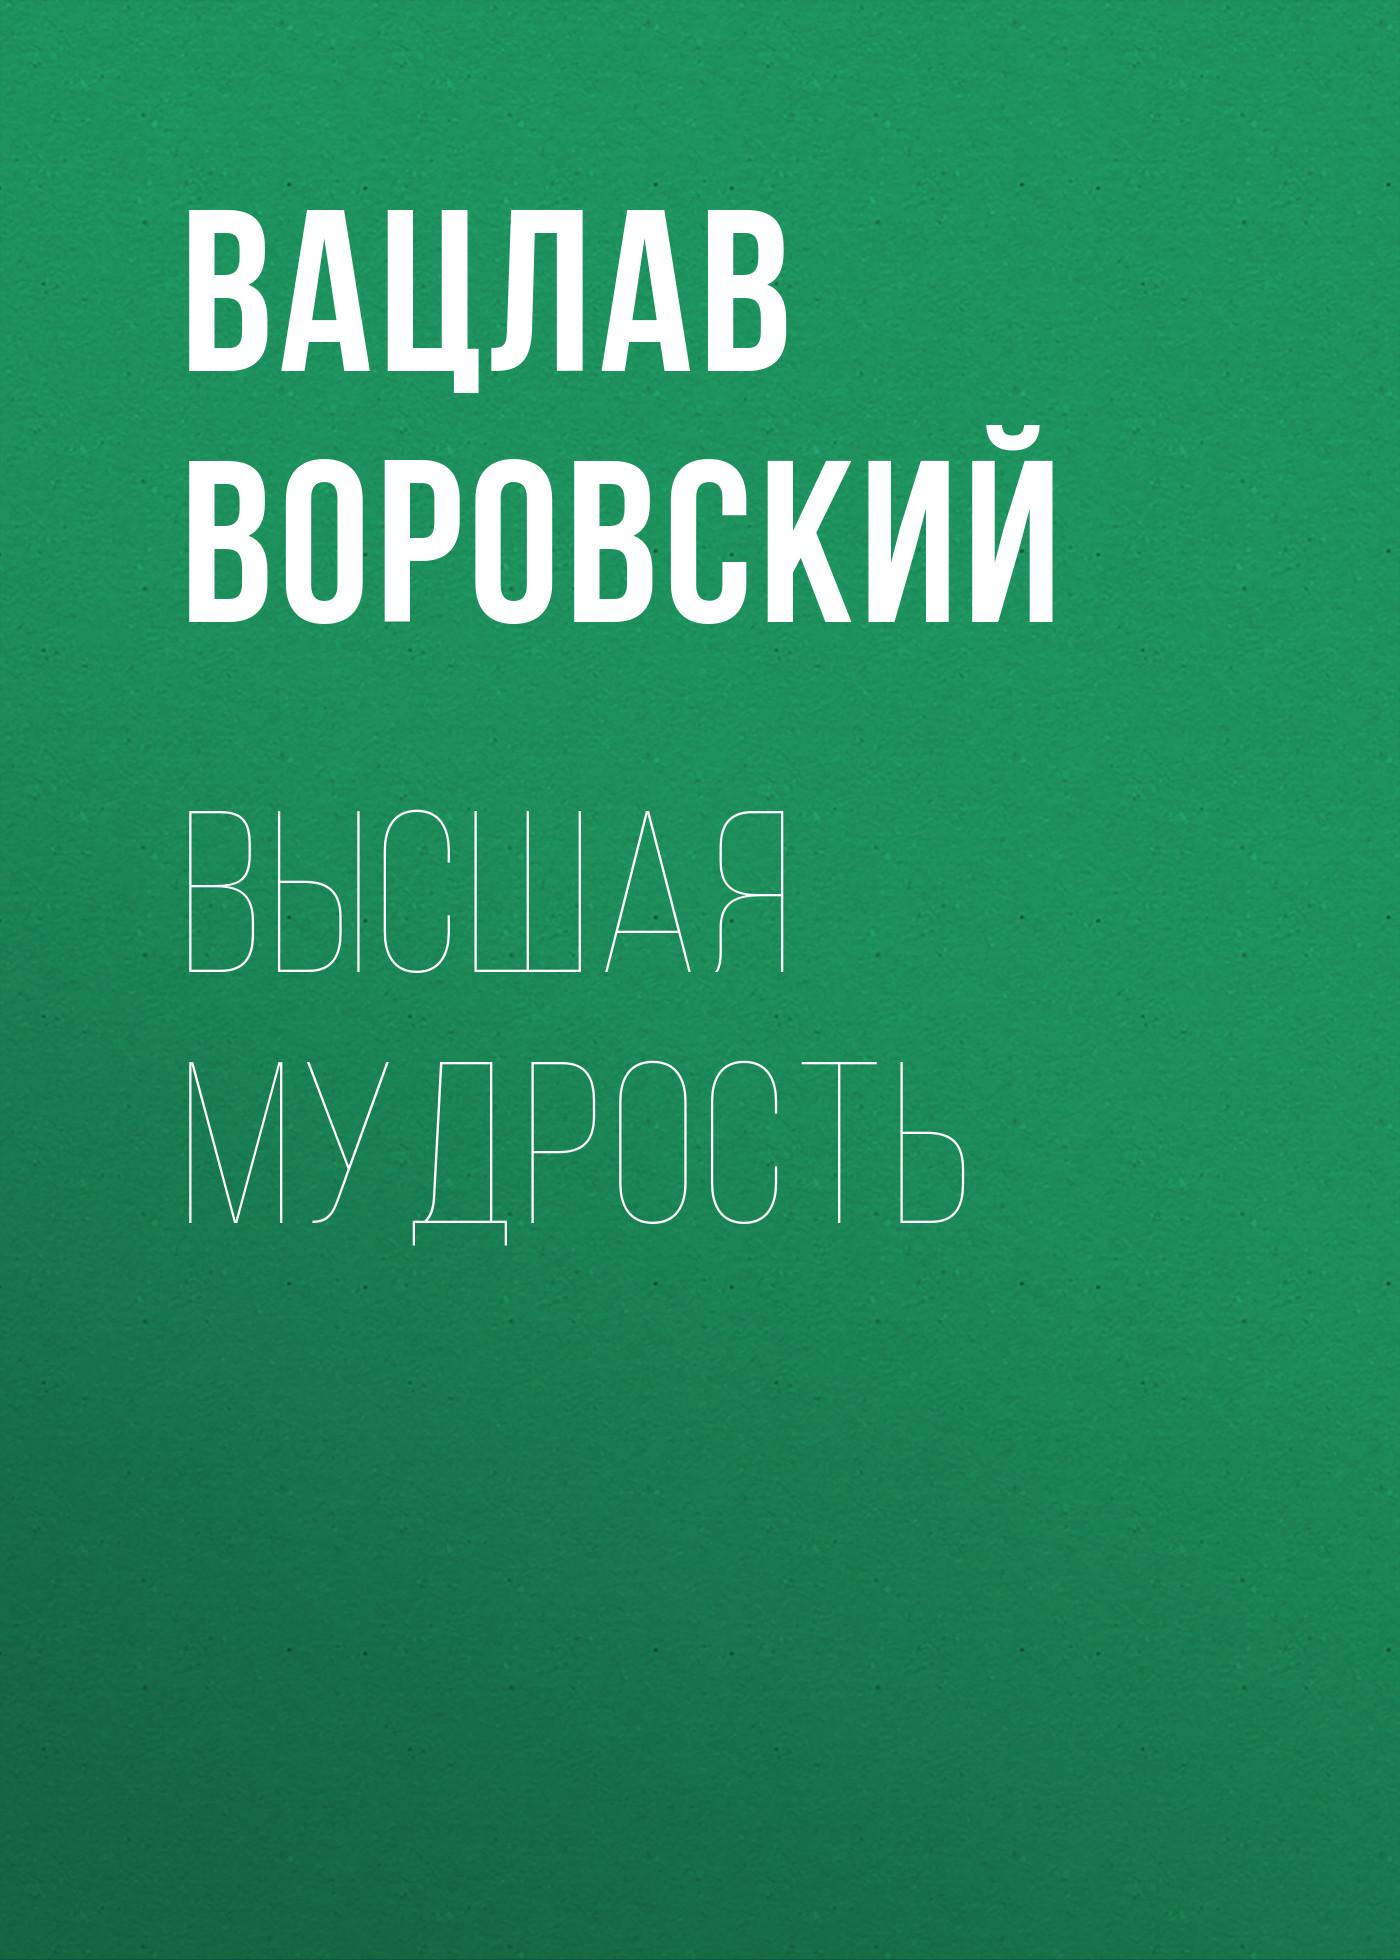 Вацлав Воровский Высшая мудрость вацлав воровский на лысой горе